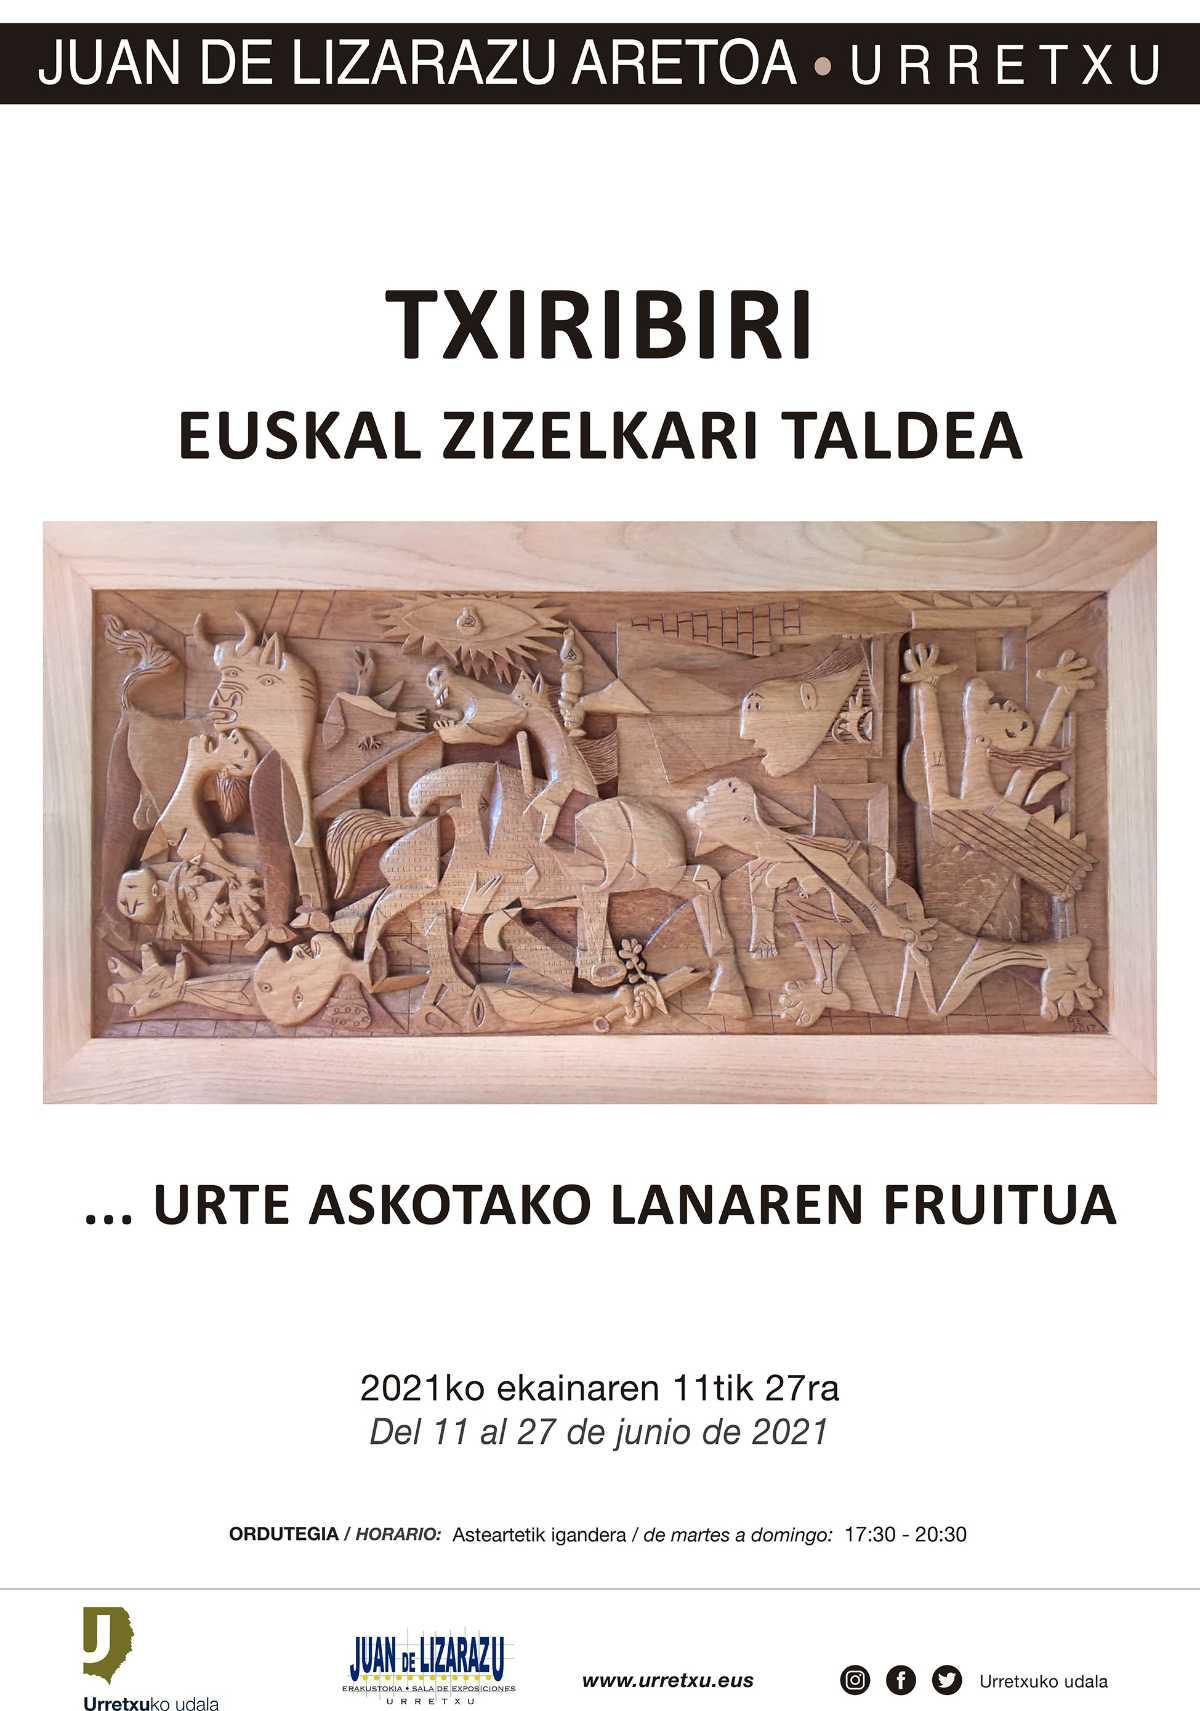 KARTELA_TXIRIBIRI_ERAKUSKETA